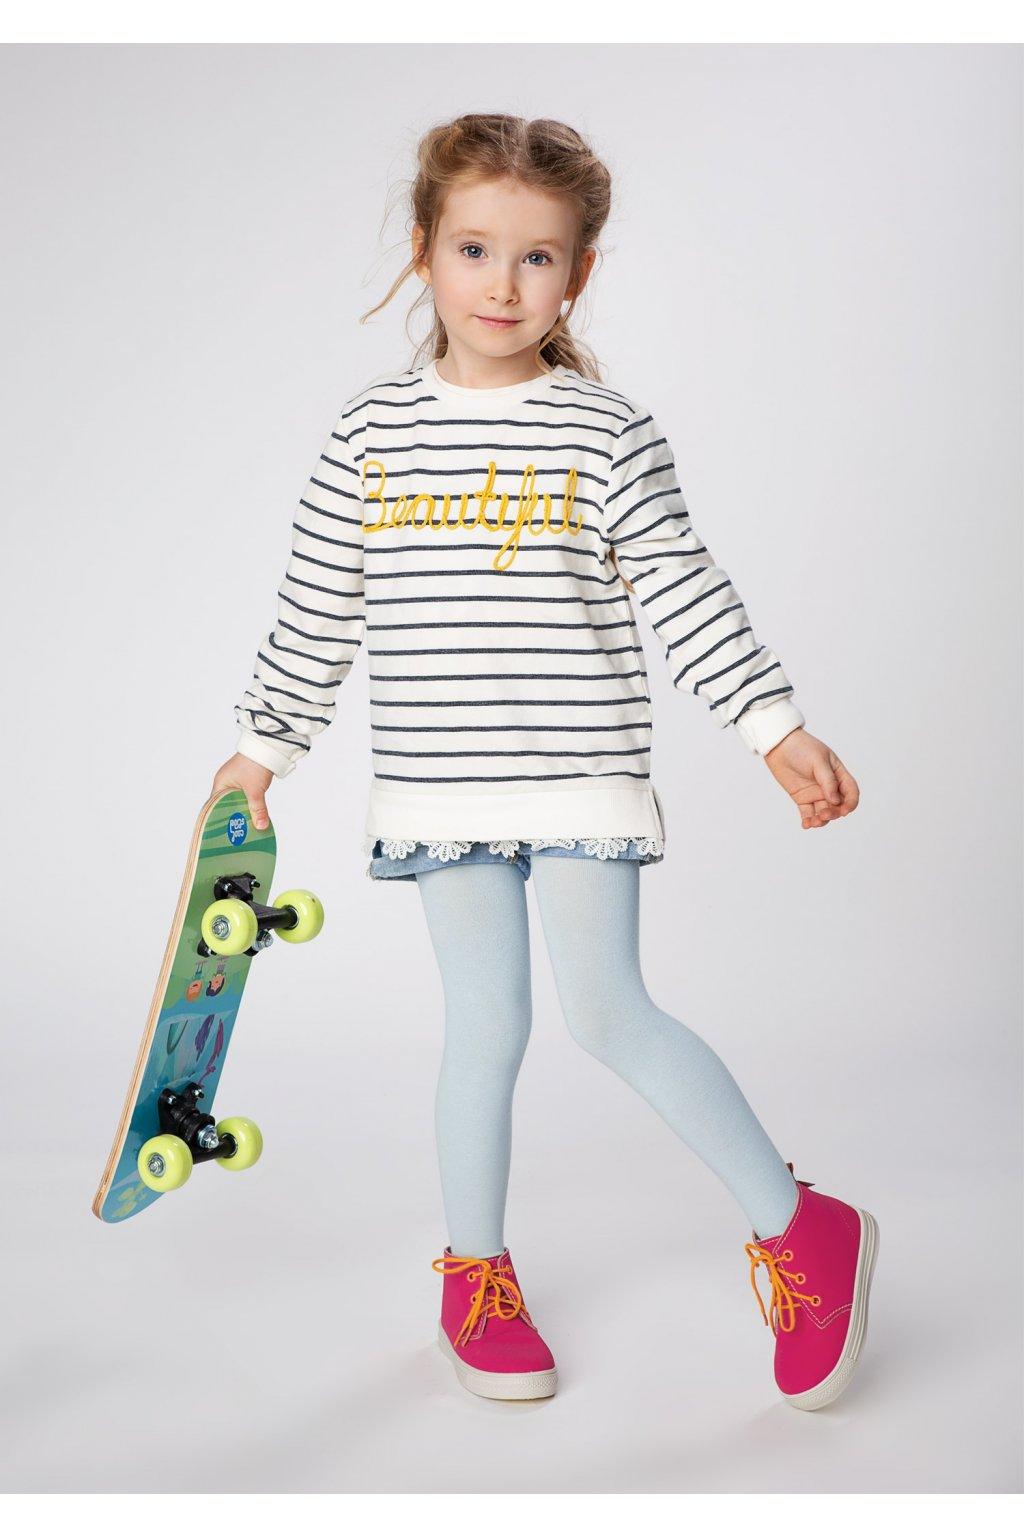 Dívčí bavlněné punčocháče JULIA